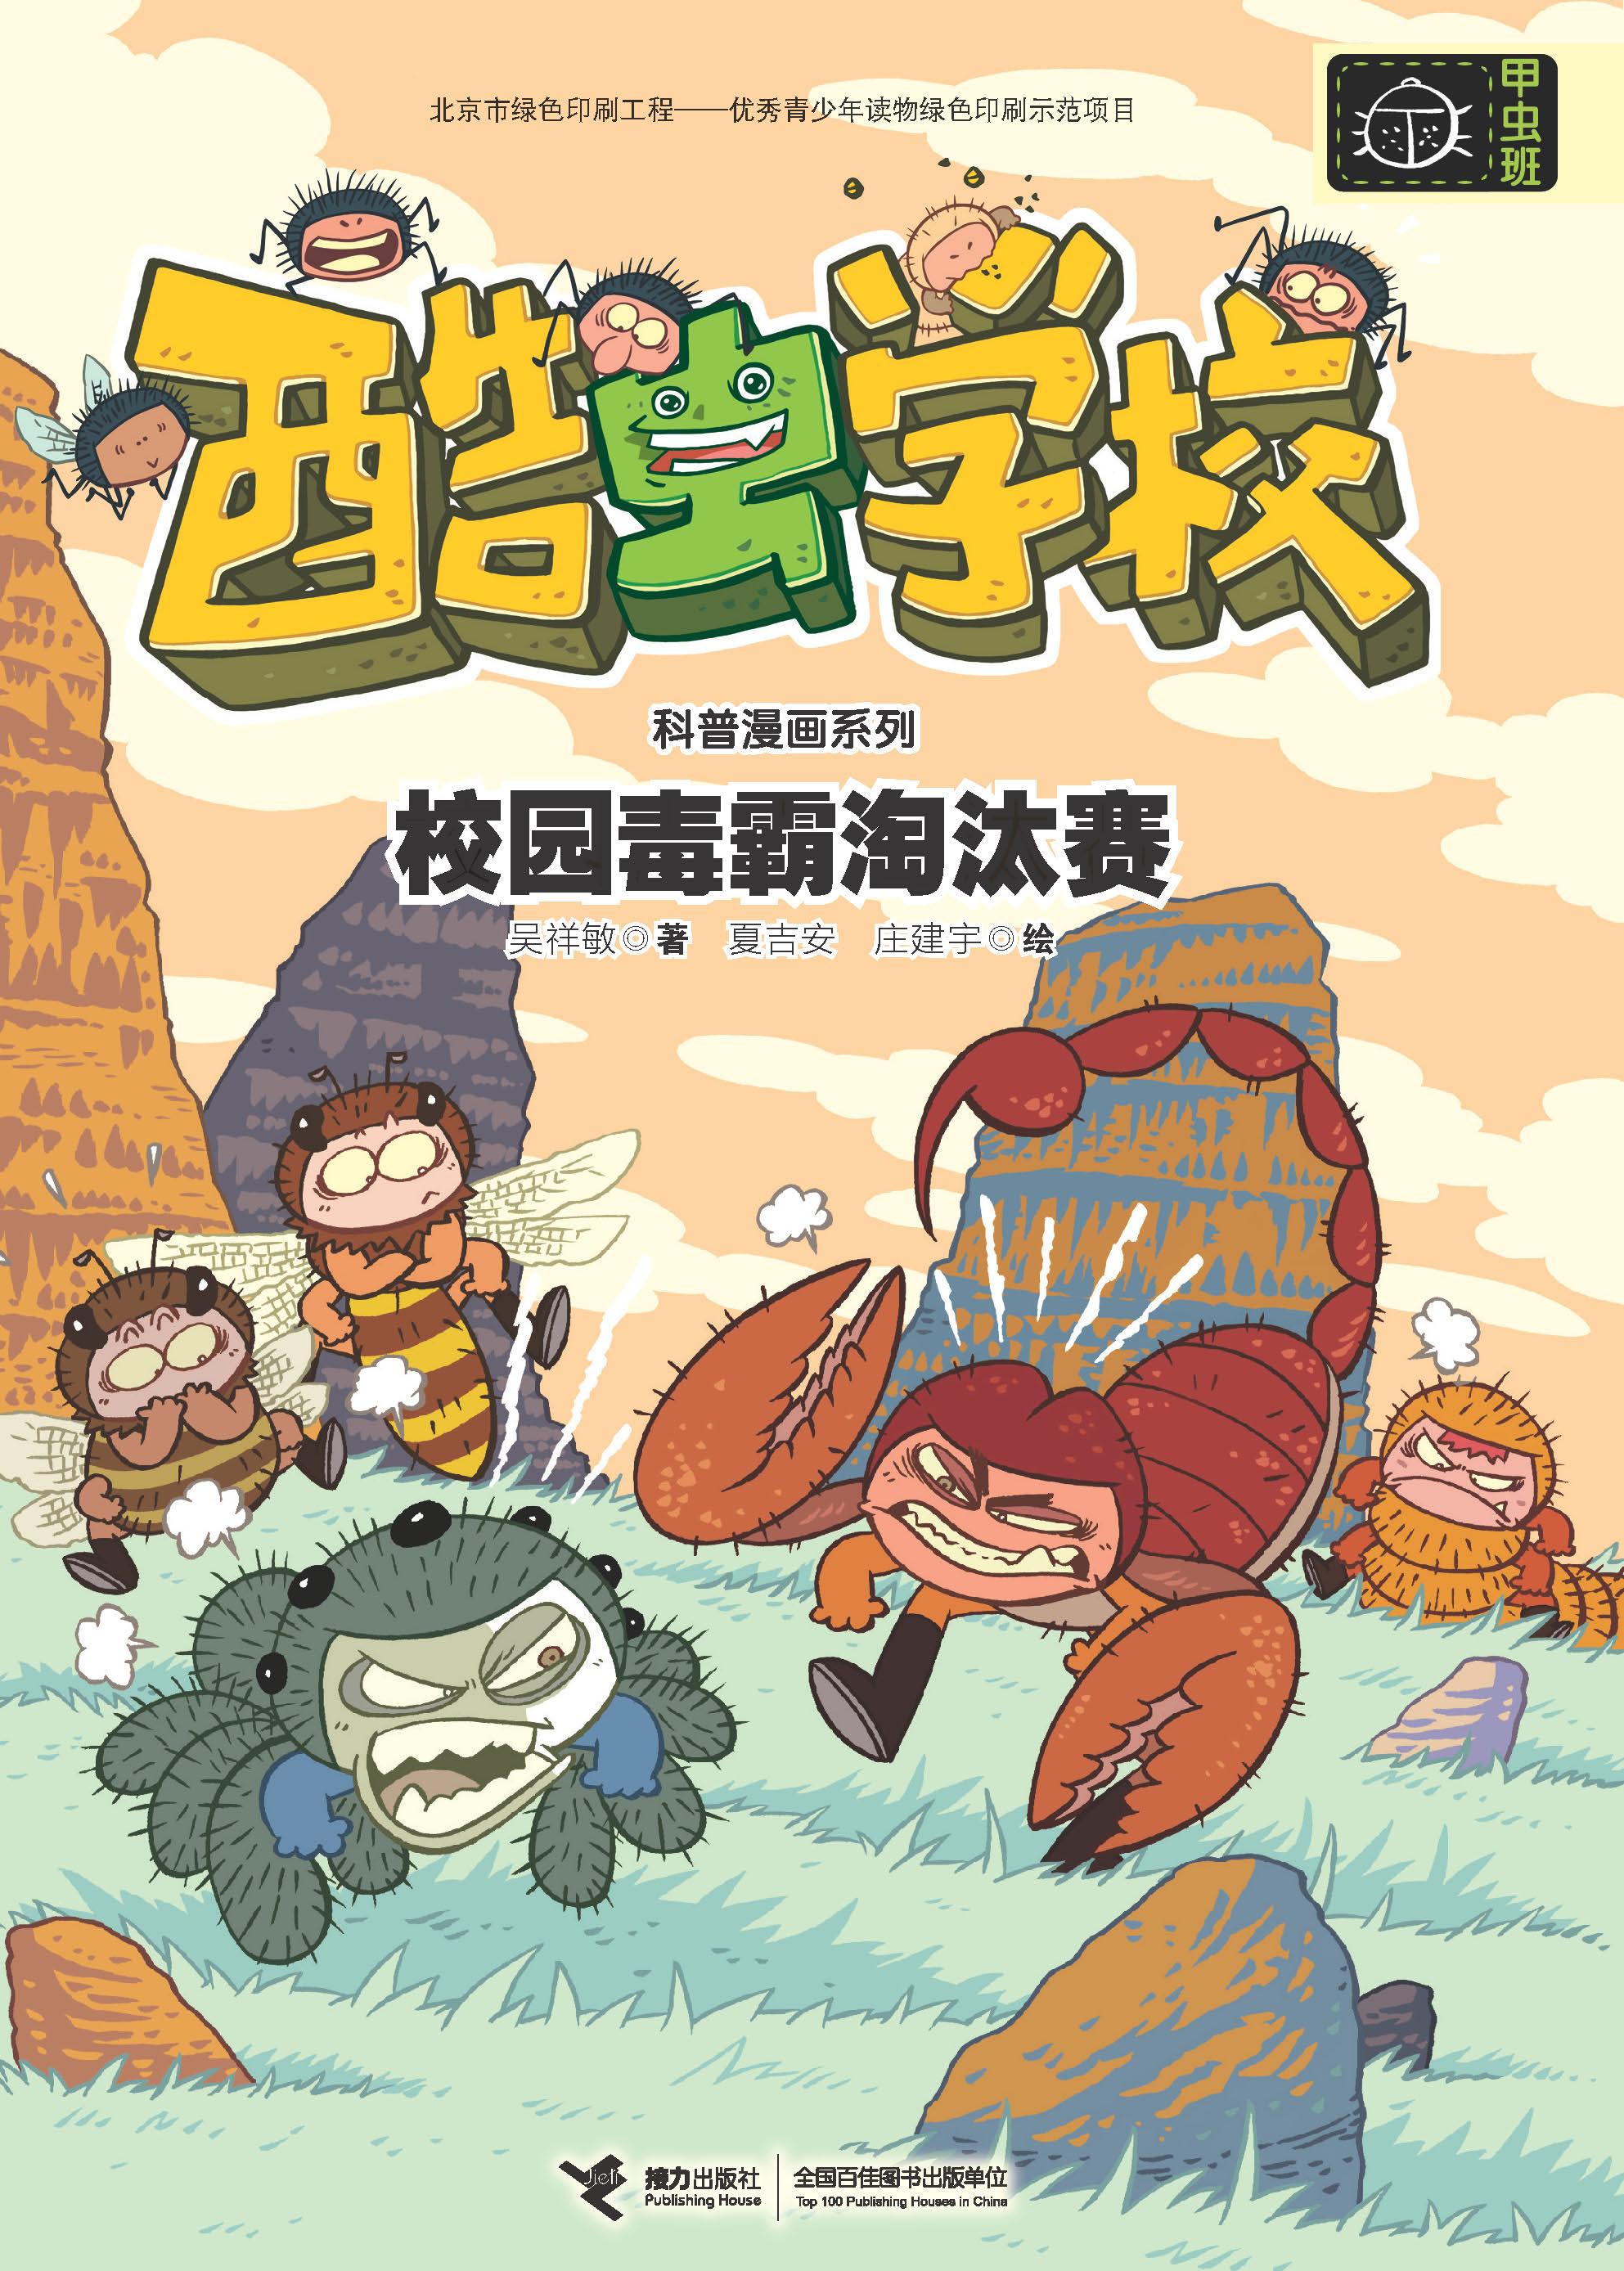 酷虫学校科普漫画系列.甲虫班:校园毒霸淘汰赛